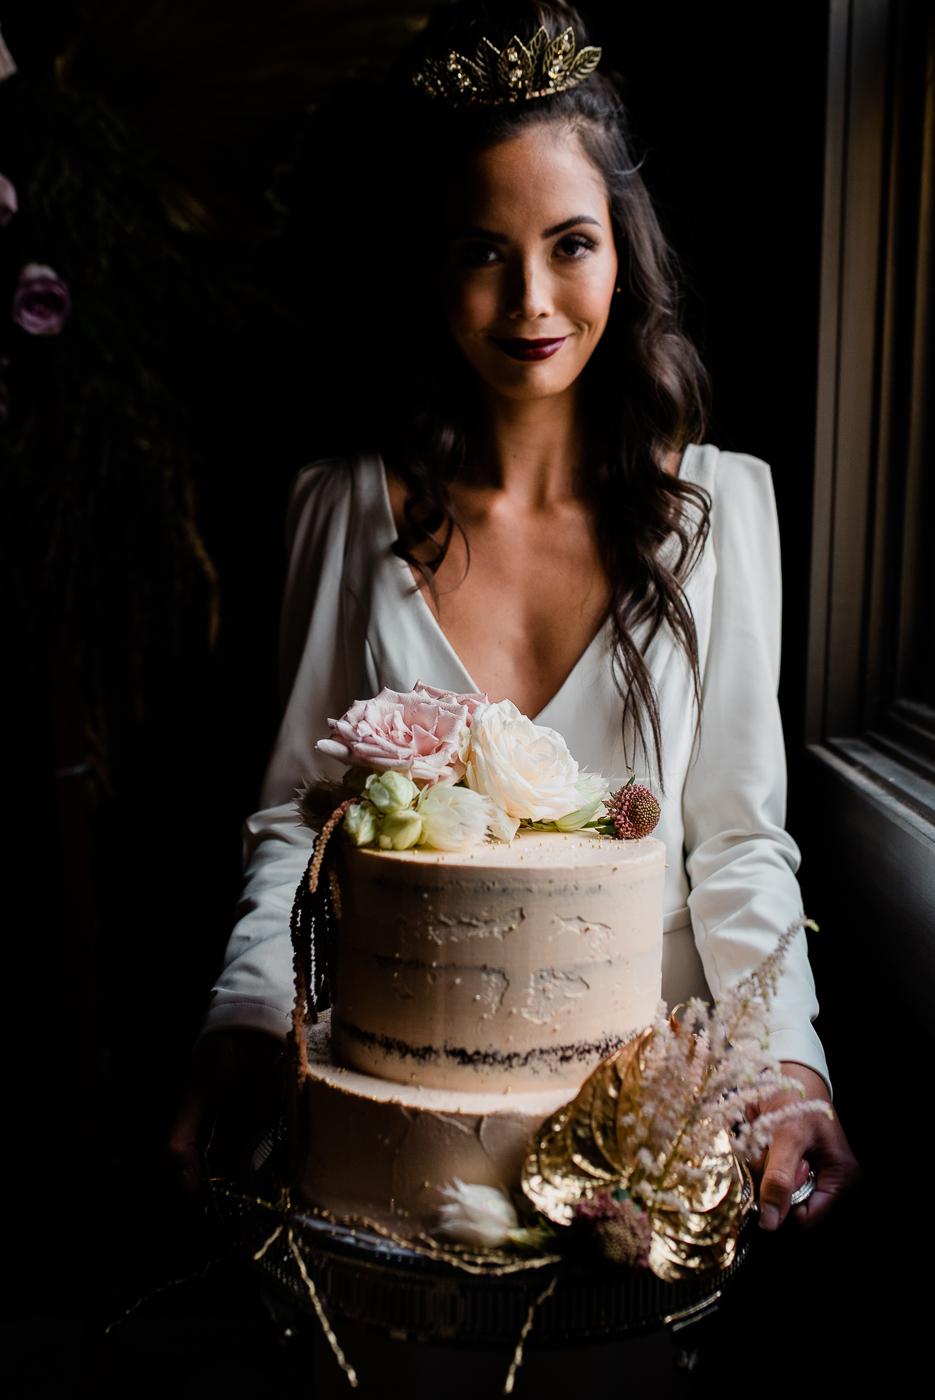 amanda afton photo bespoke wedding cakes desserts perth cake designer